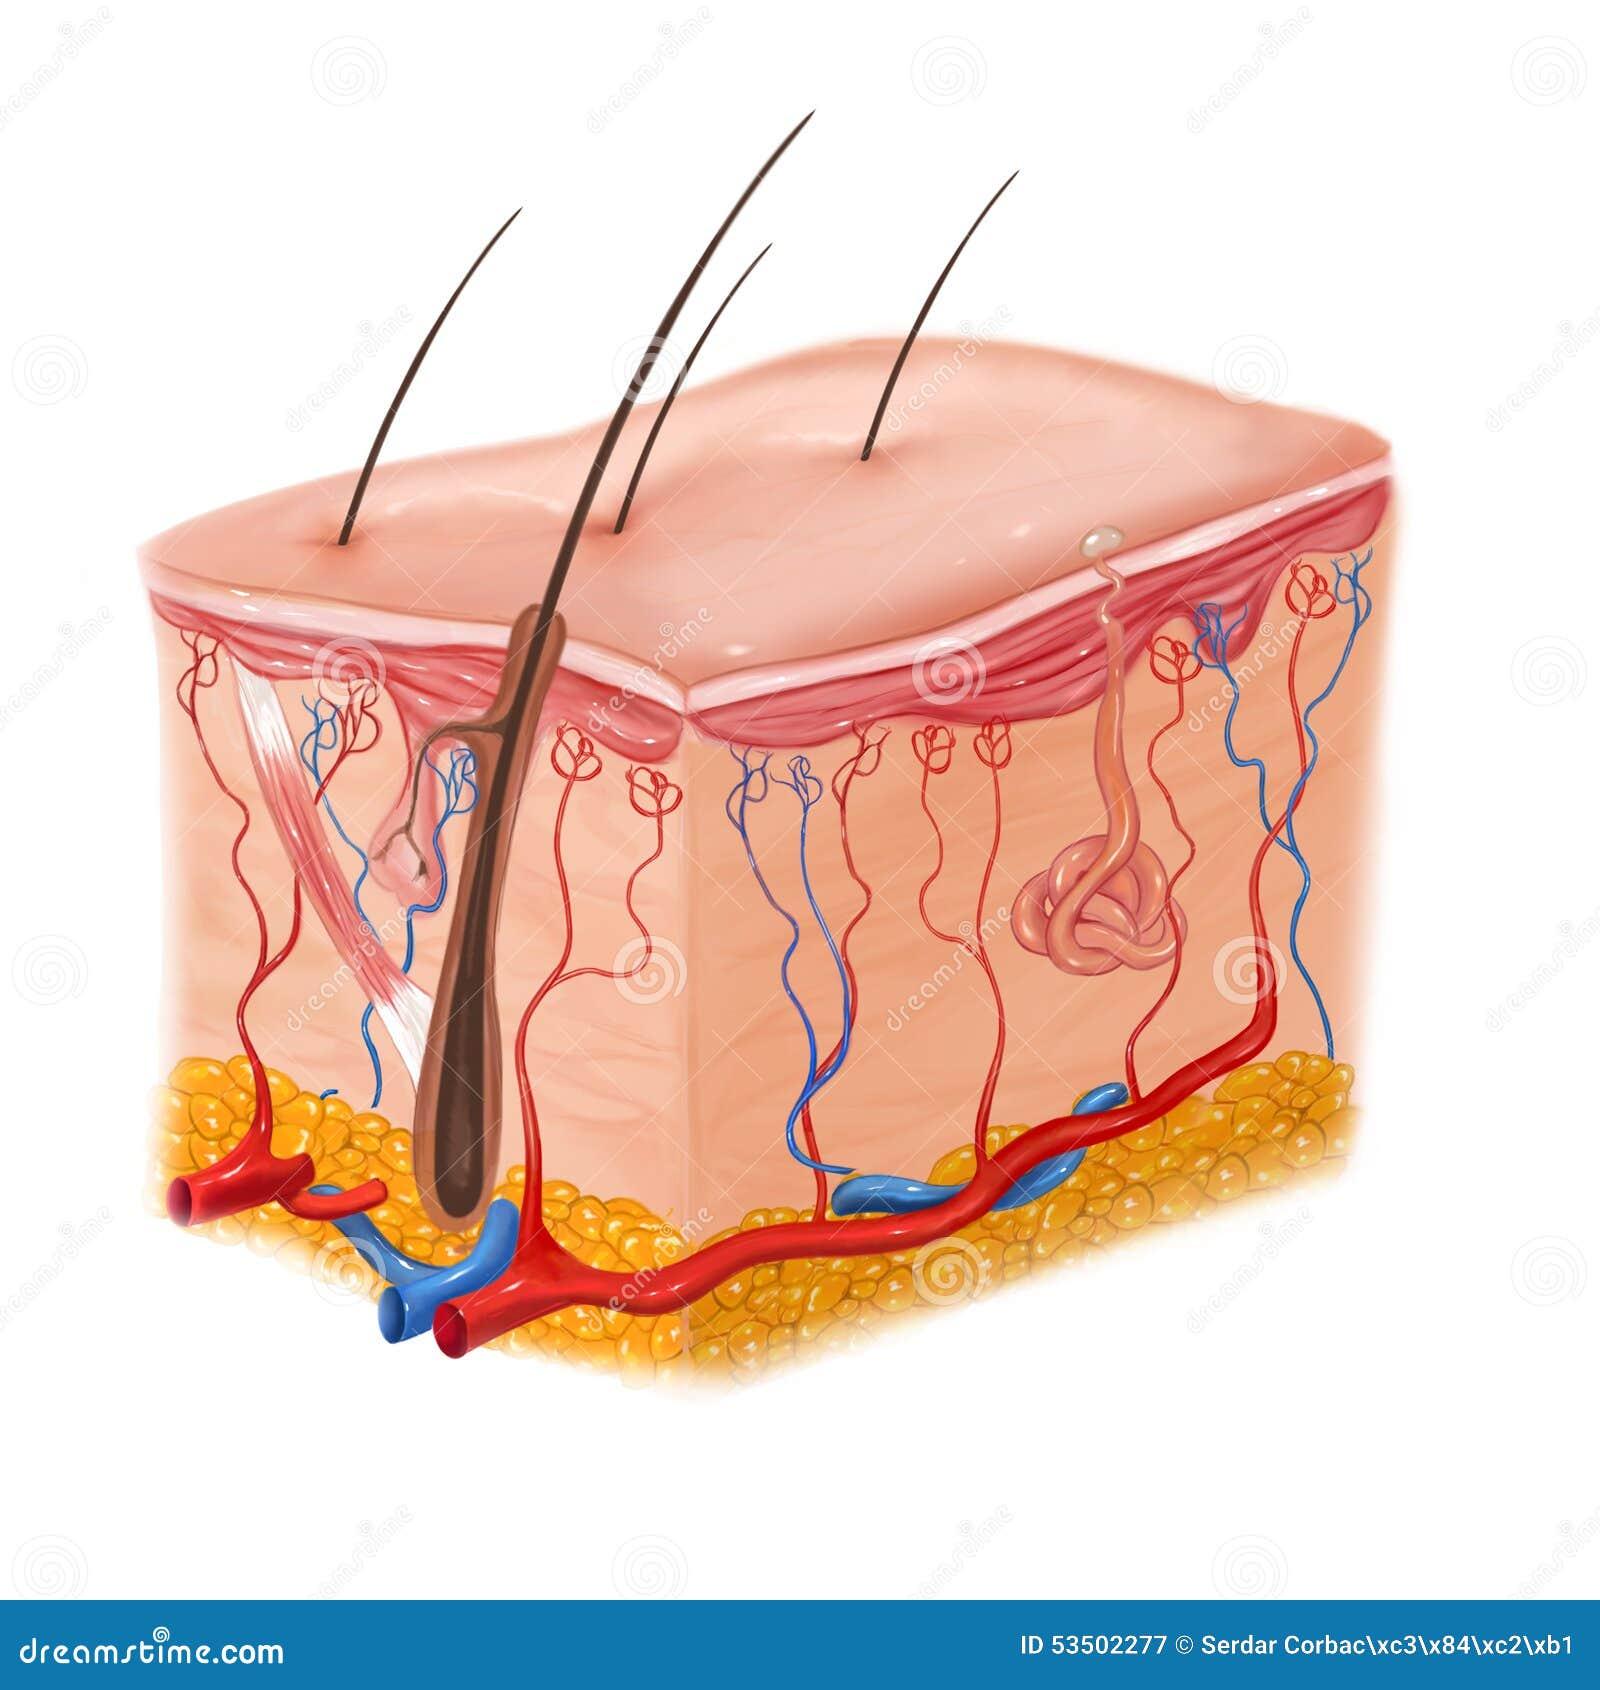 Menschliche Haut- Und Haarstruktur Stock Abbildung - Illustration ...